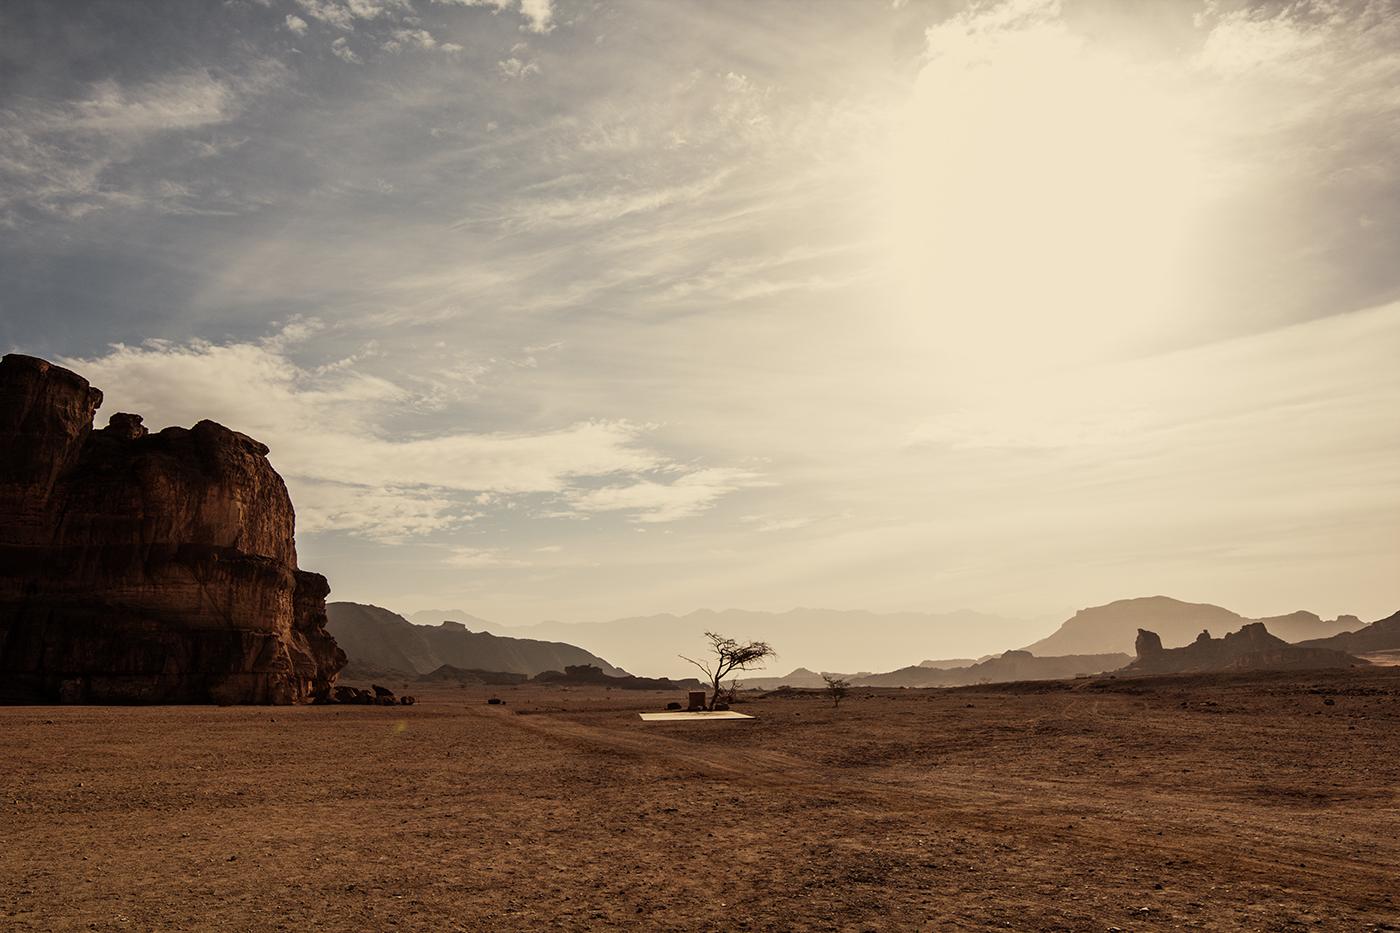 Erinnert ein wenig an die Wüste in Utah!